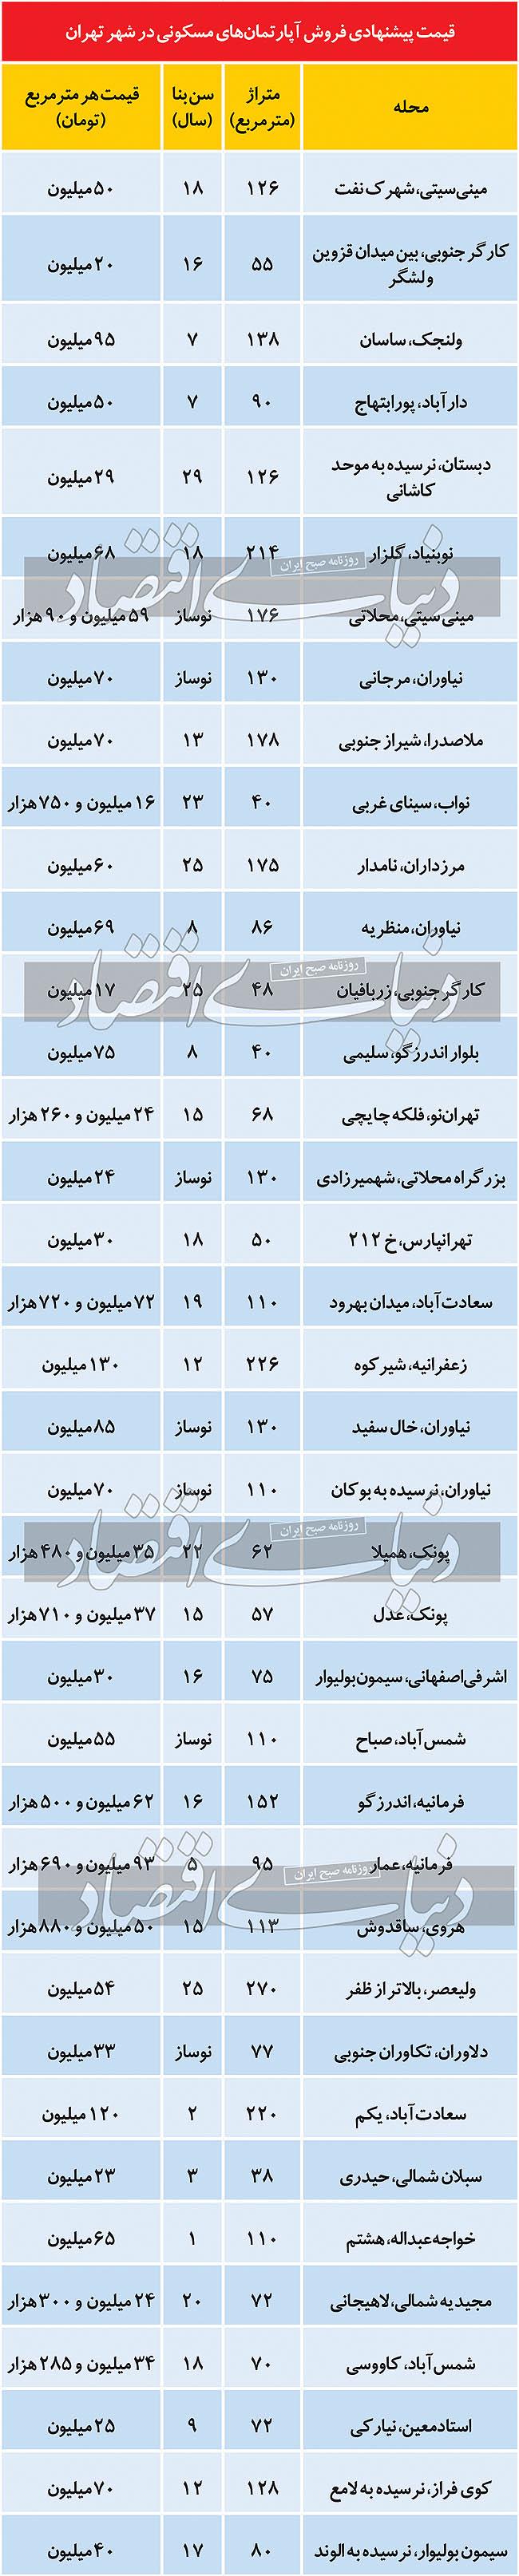 قیمت آپارتمان در مناطق 22 گانه تهران ؛ 15 شهریور 1400